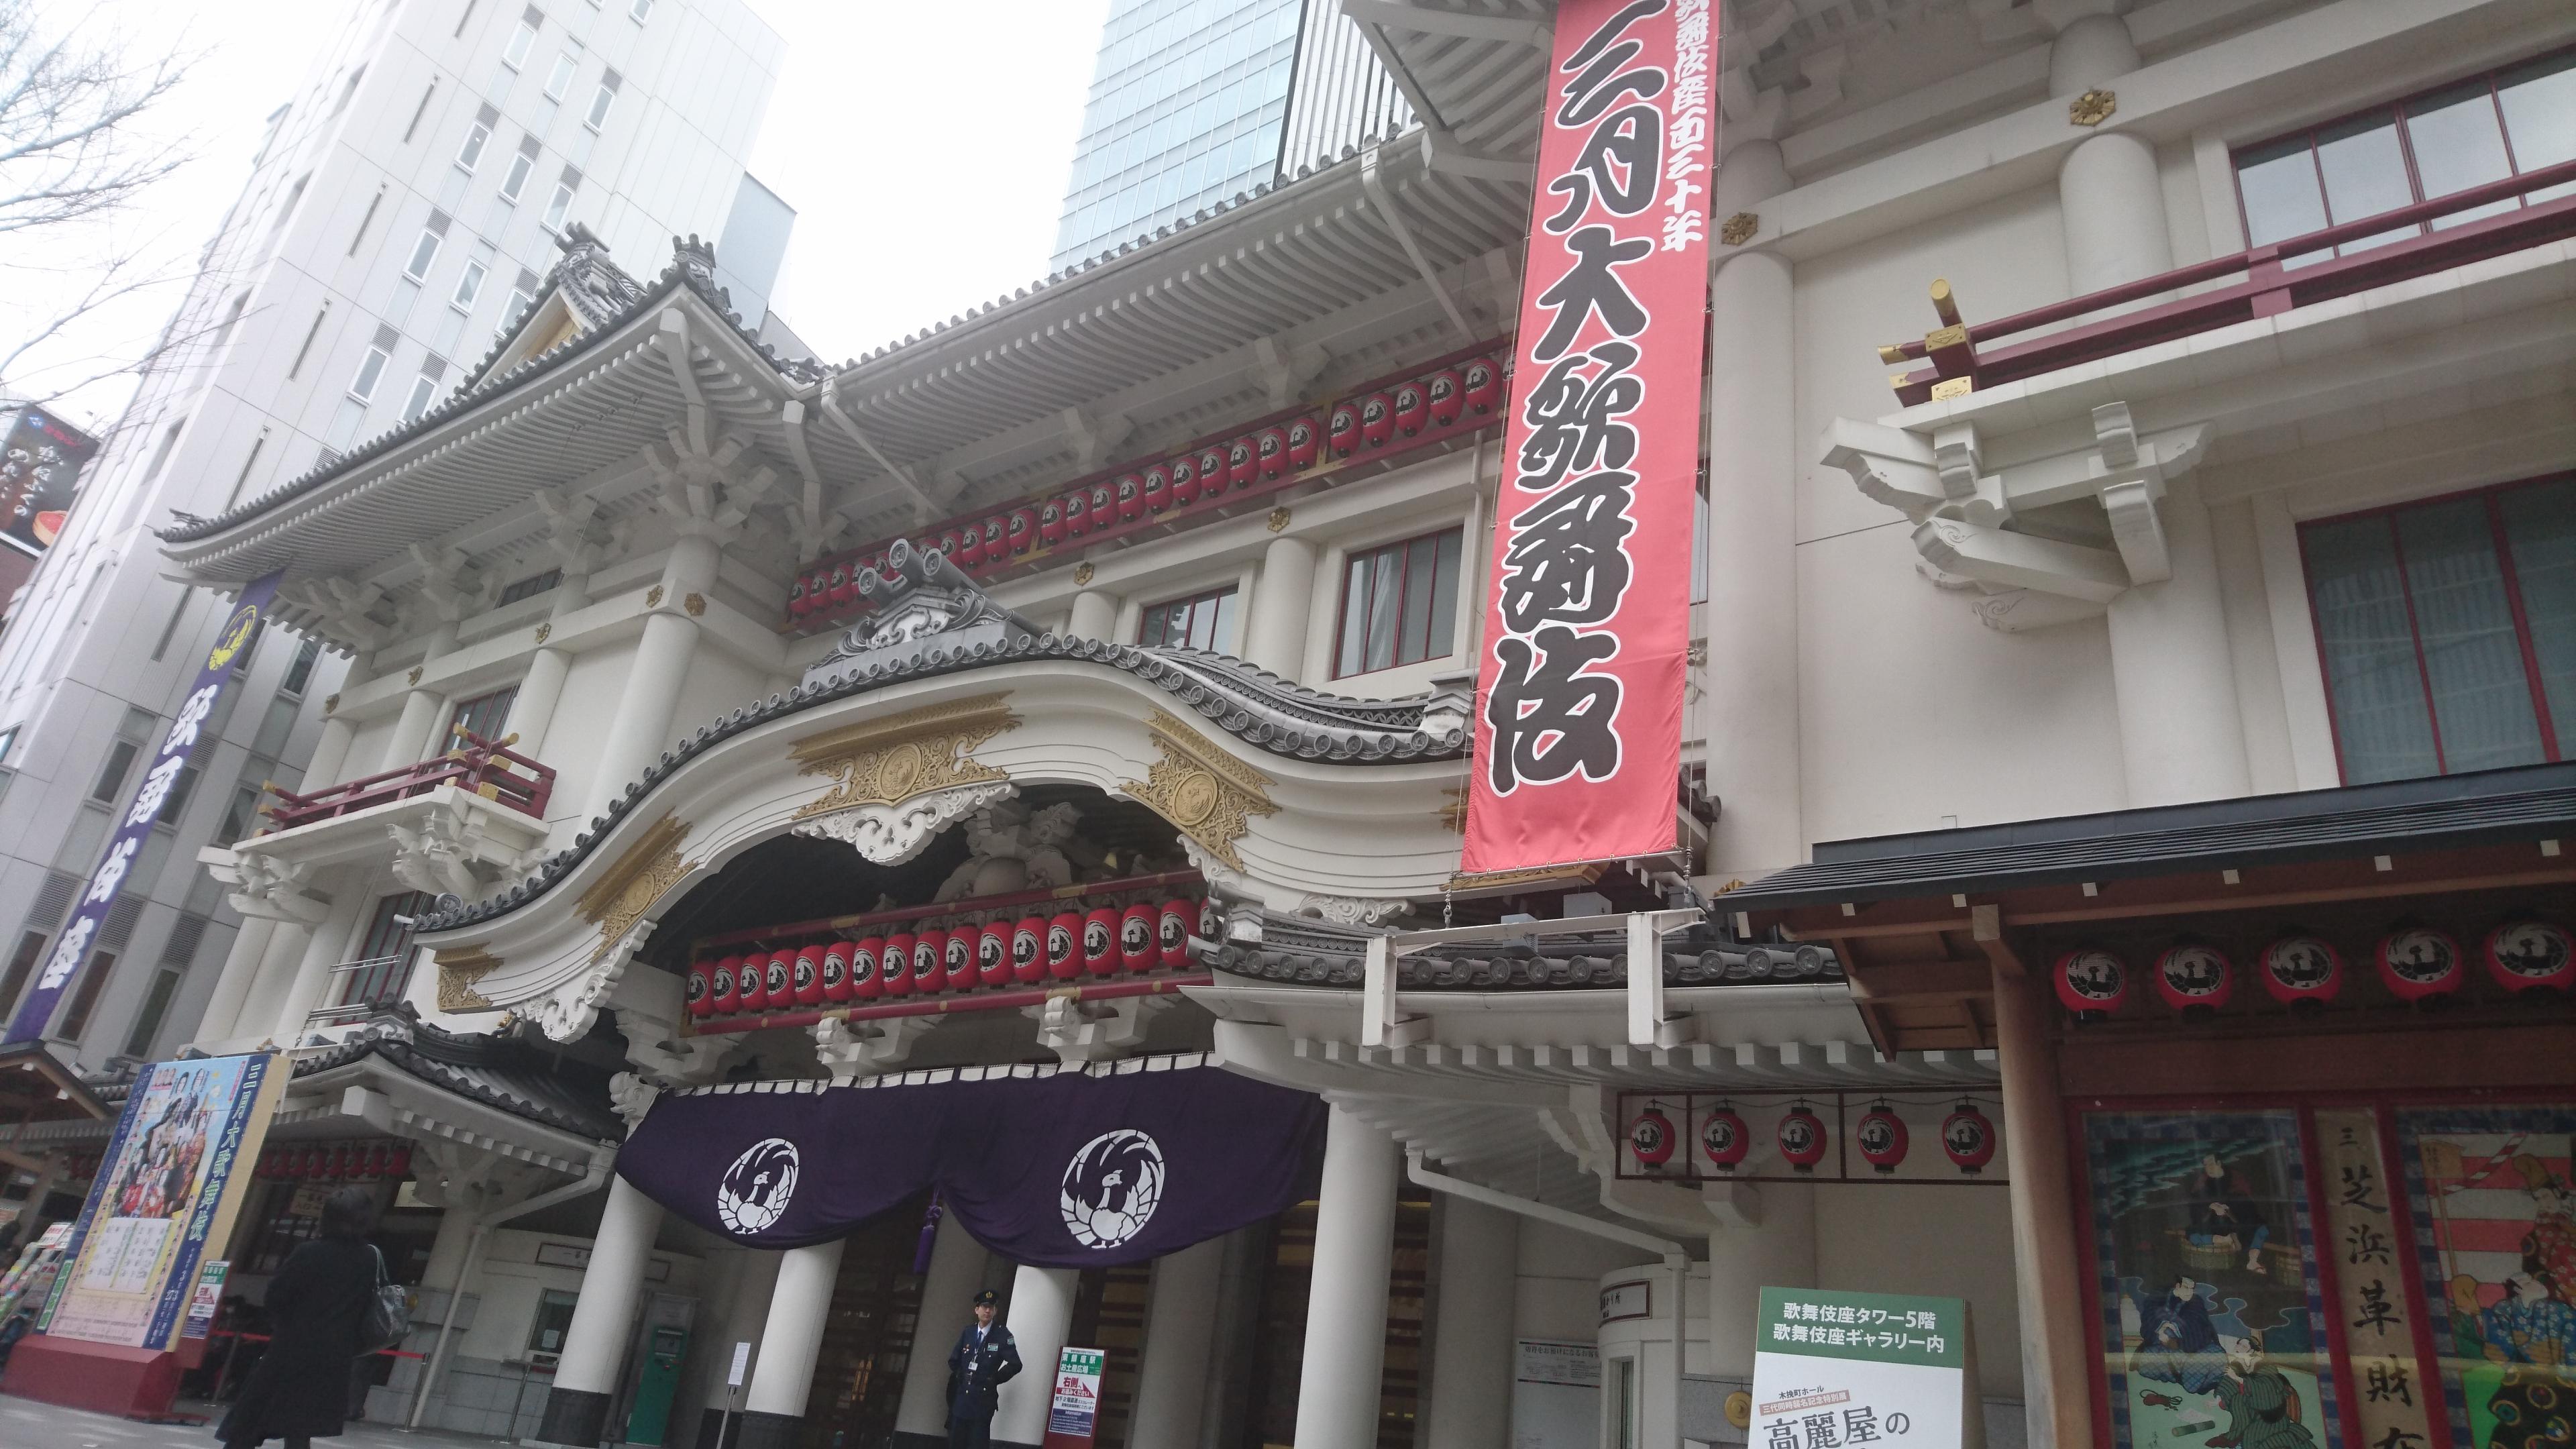 dairoku 2018 3 ginza kabukiza